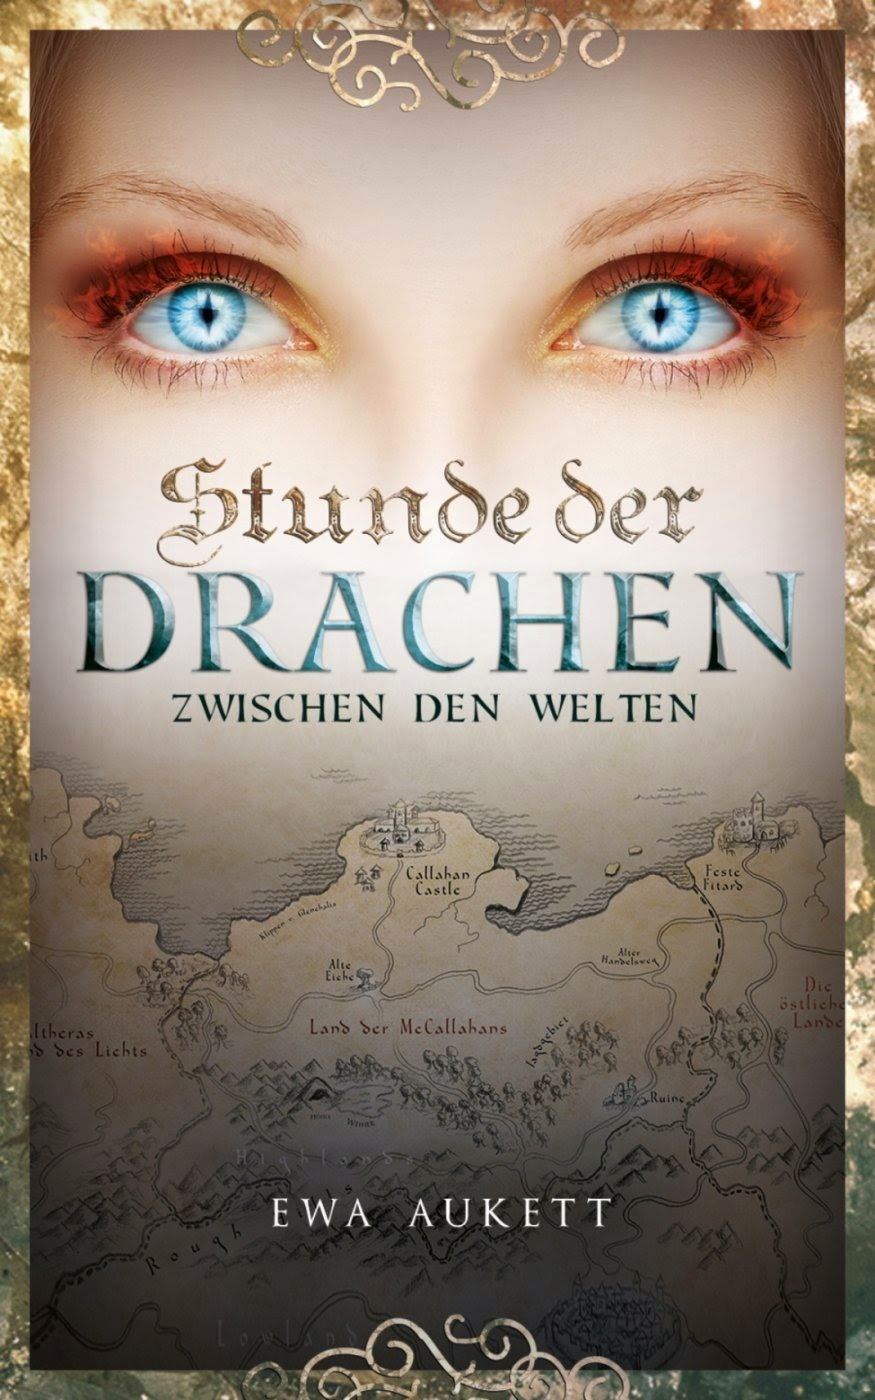 http://www.amazon.de/Stunde-Drachen-Zwischen-den-Welten-ebook/dp/B00U1IMNKG/ref=sr_1_1?ie=UTF8&qid=1426950358&sr=8-1&keywords=die+stunde+der+drachen